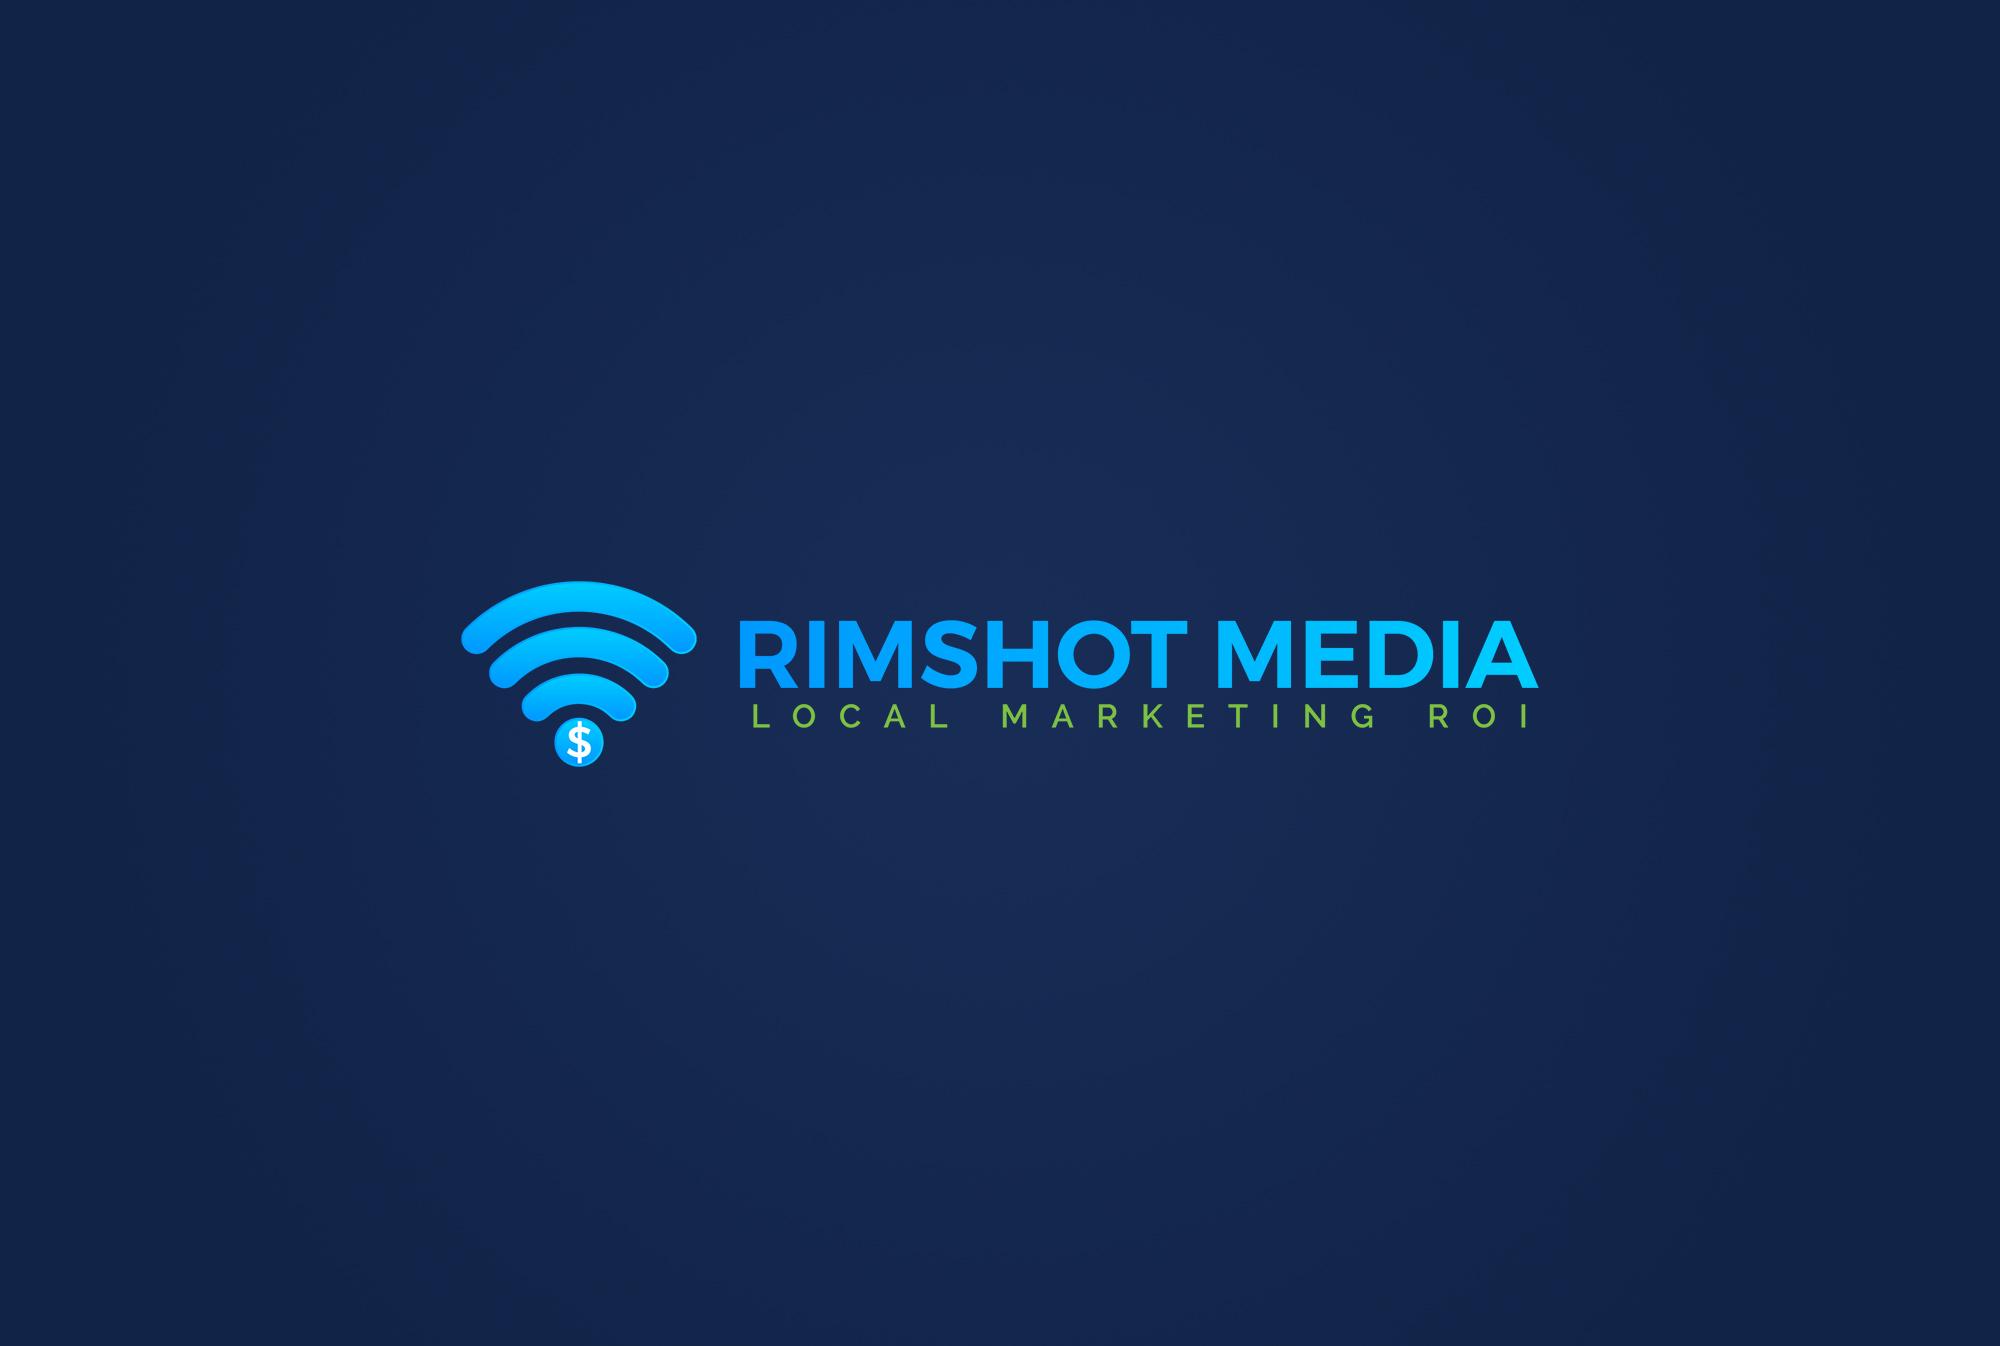 Rimshot-Media-Logo-A Mock-up